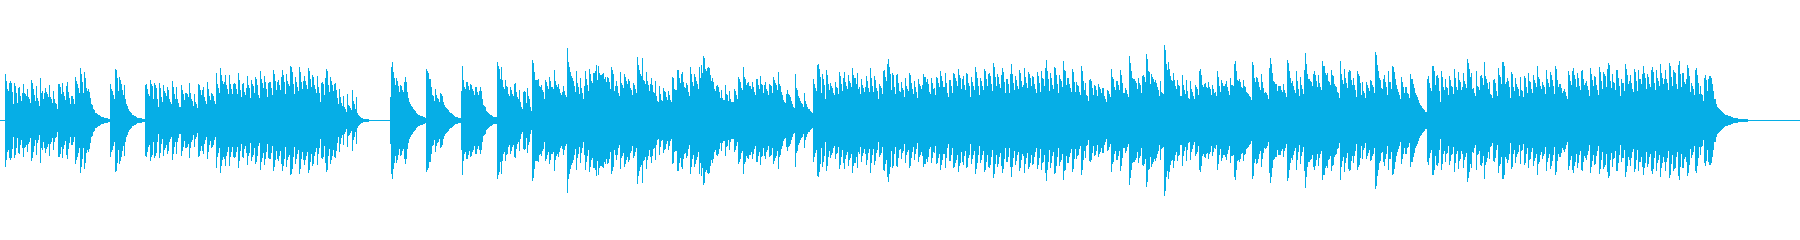 不気味な雰囲気のオルゴールの再生済みの波形